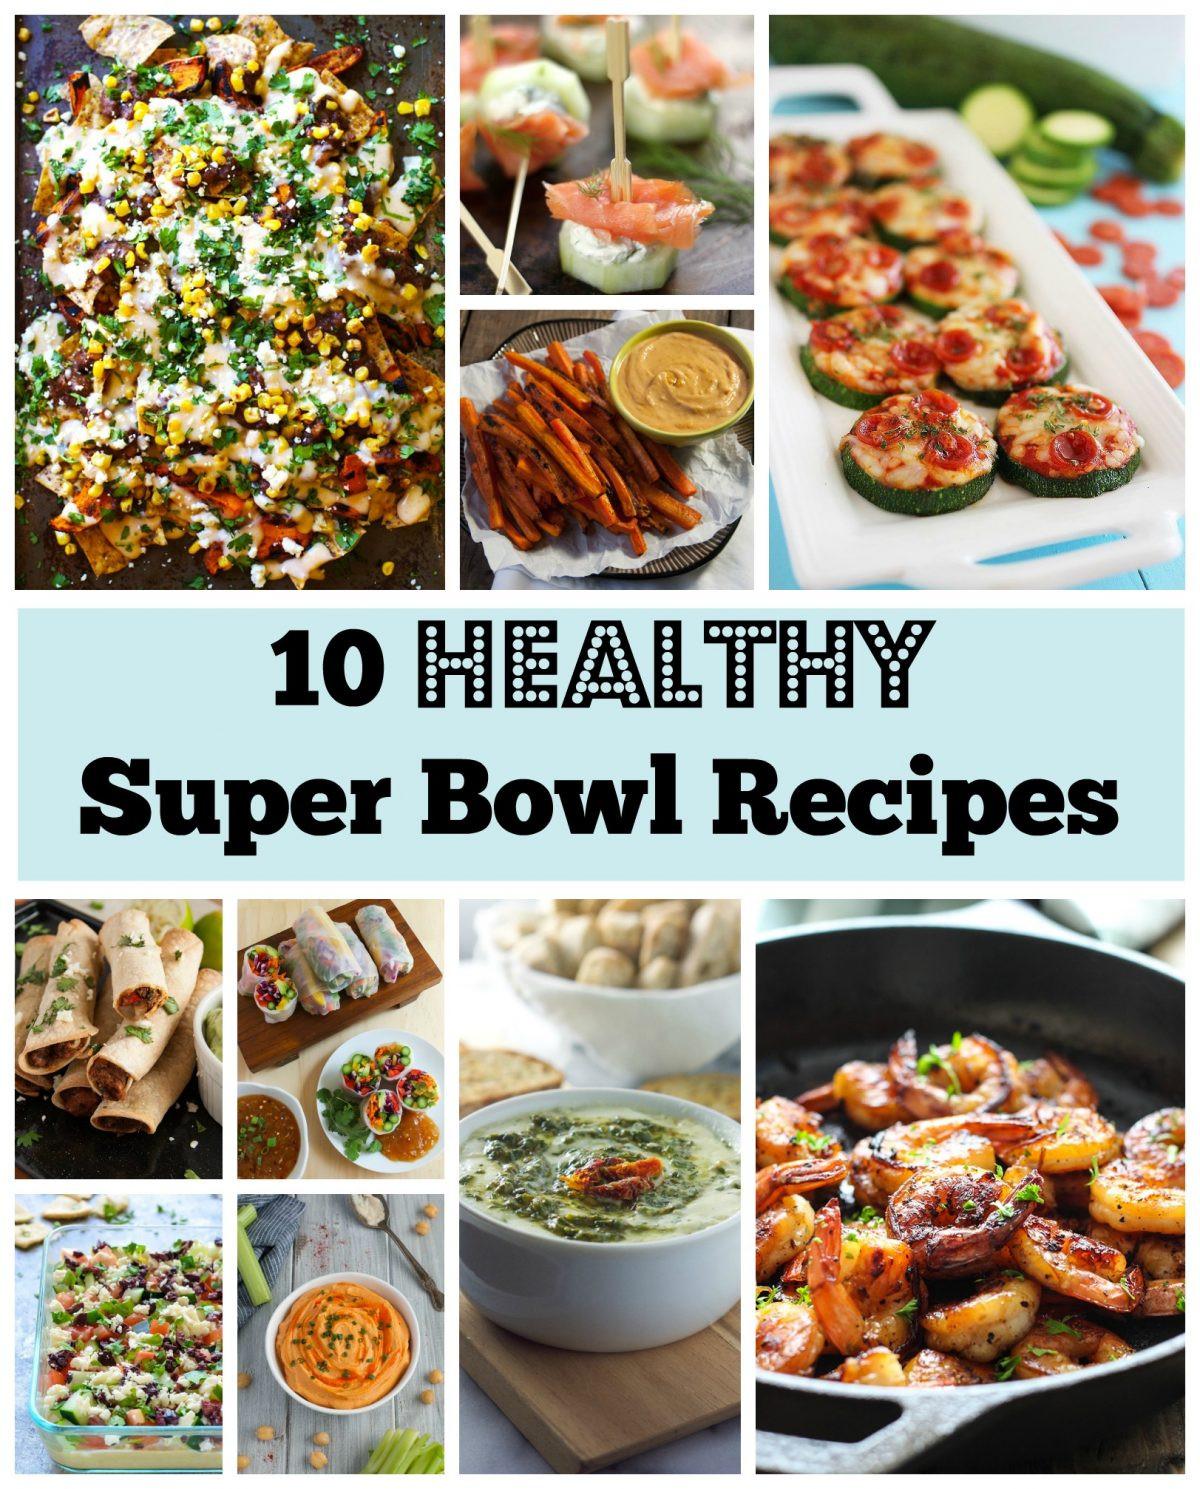 Super Bowl Recipes Healthy  Healthy Super Bowl Recipes Feasting not Fasting